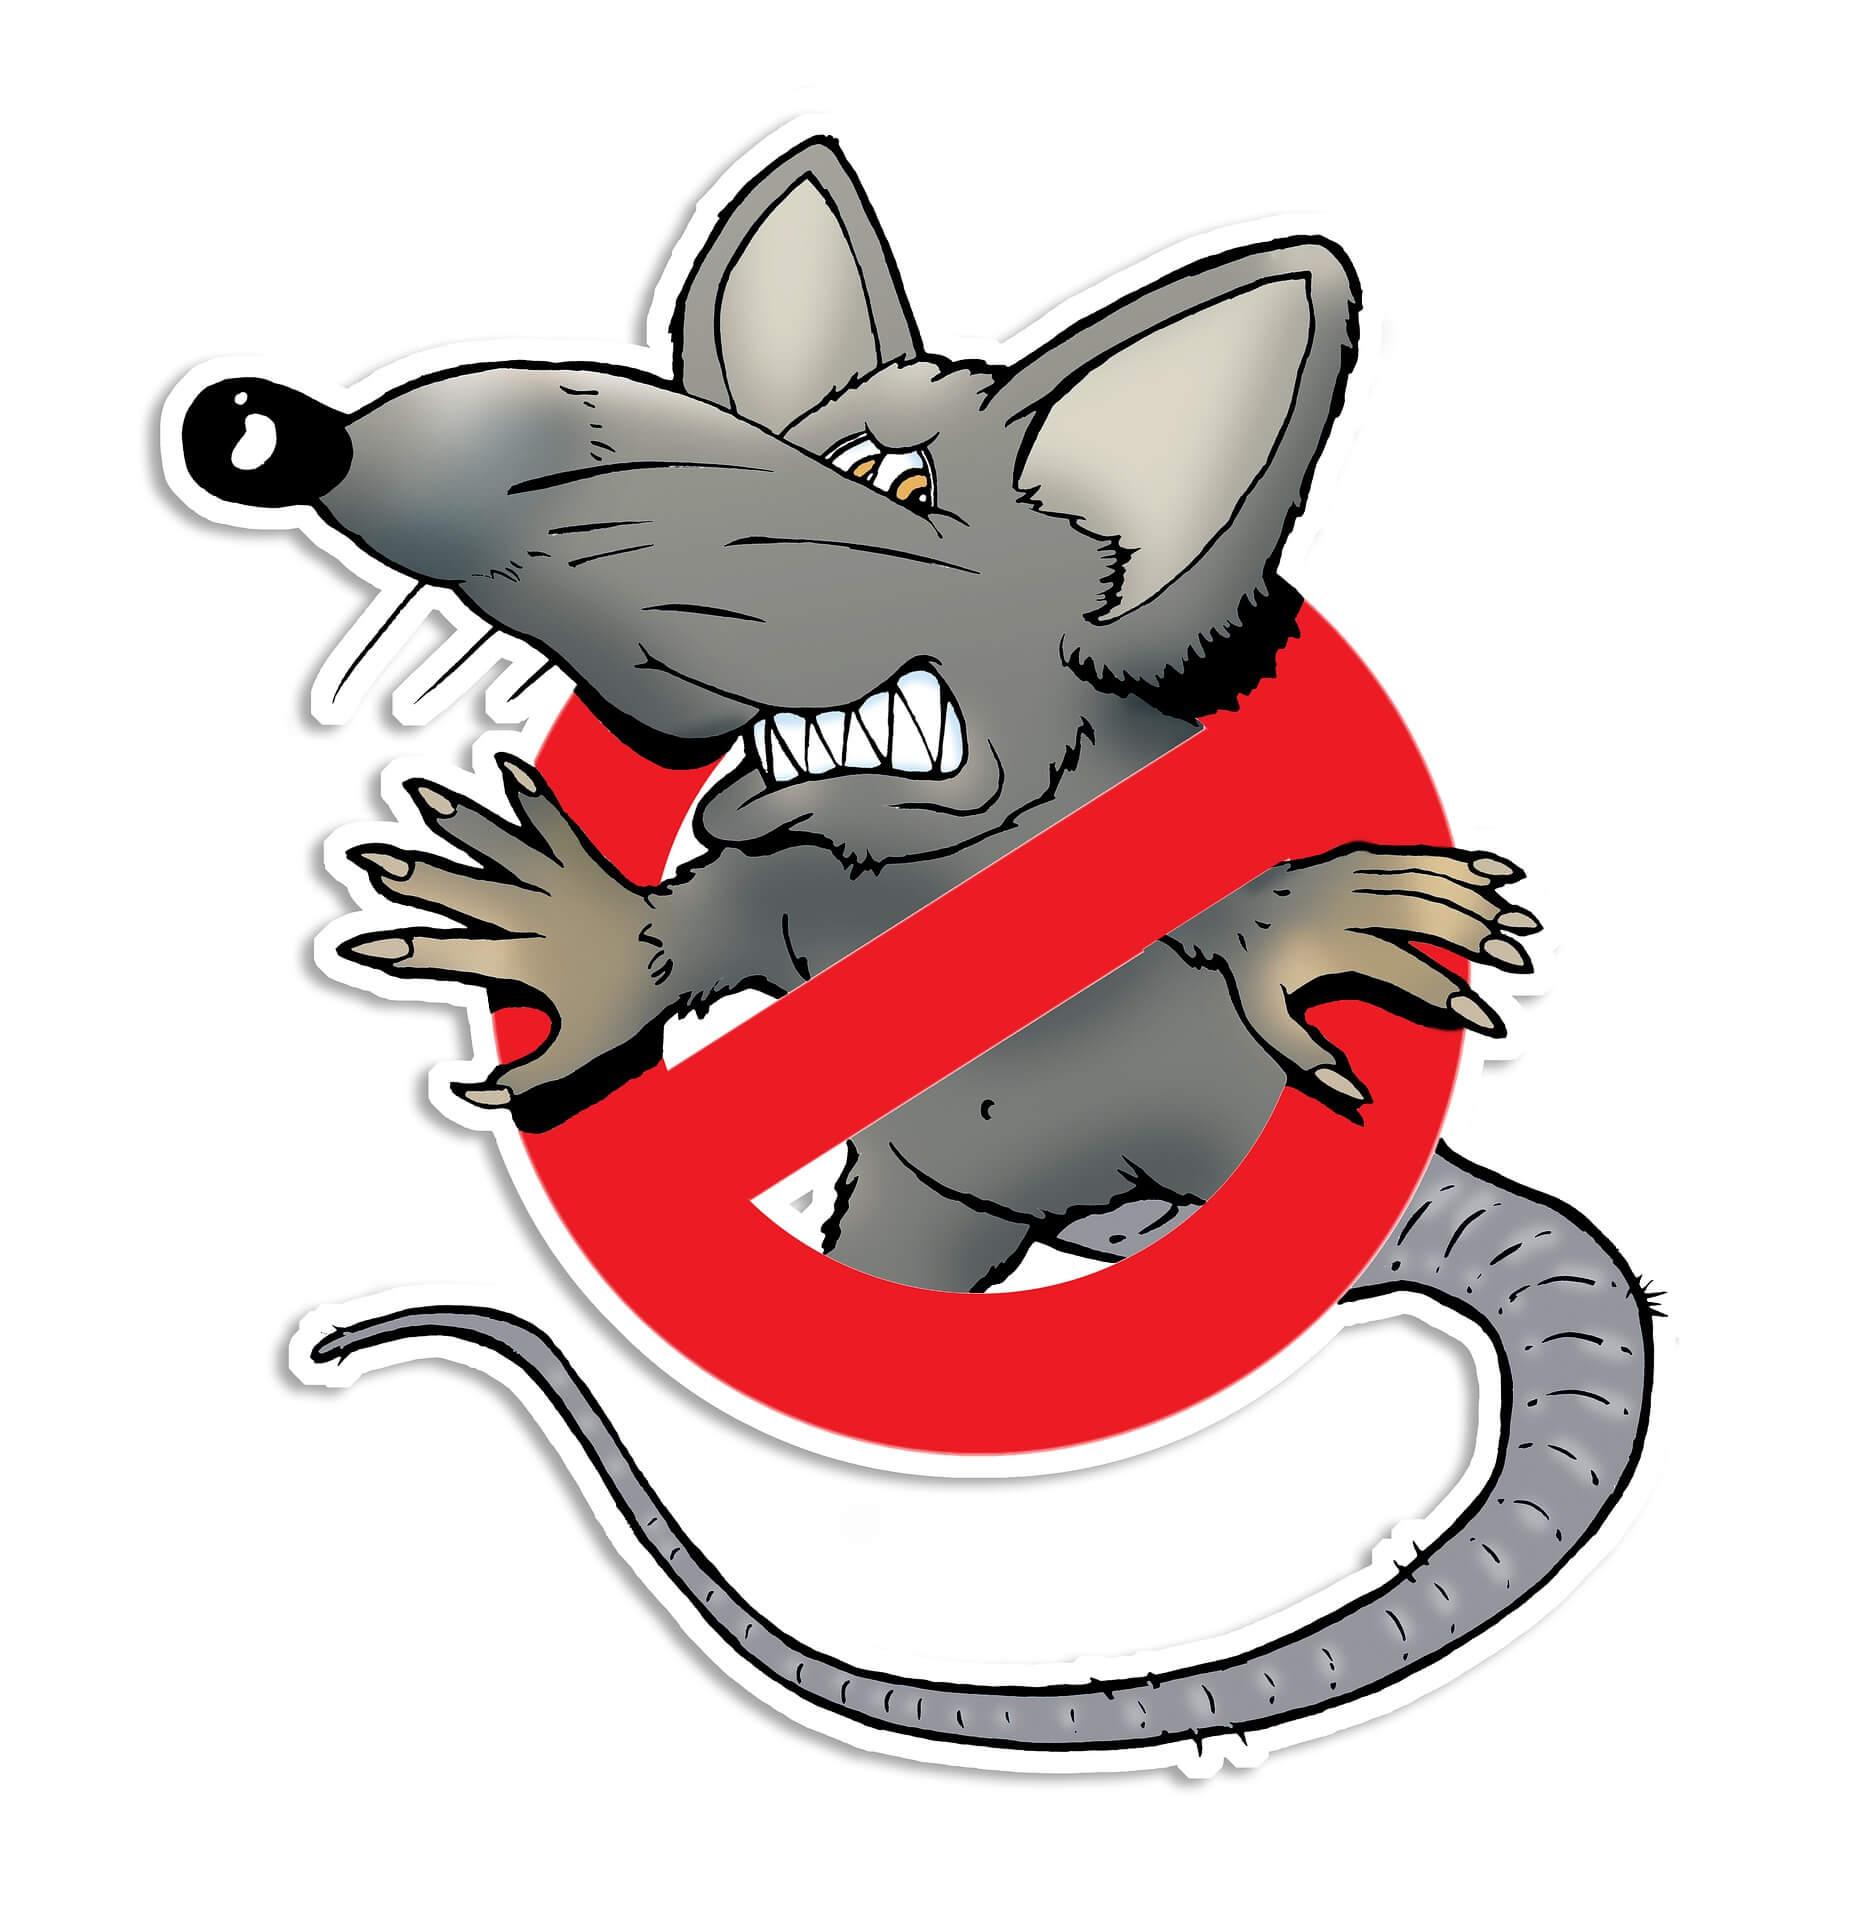 Disegno di un ratto arrabbiato con il simbolo del divieto sopra